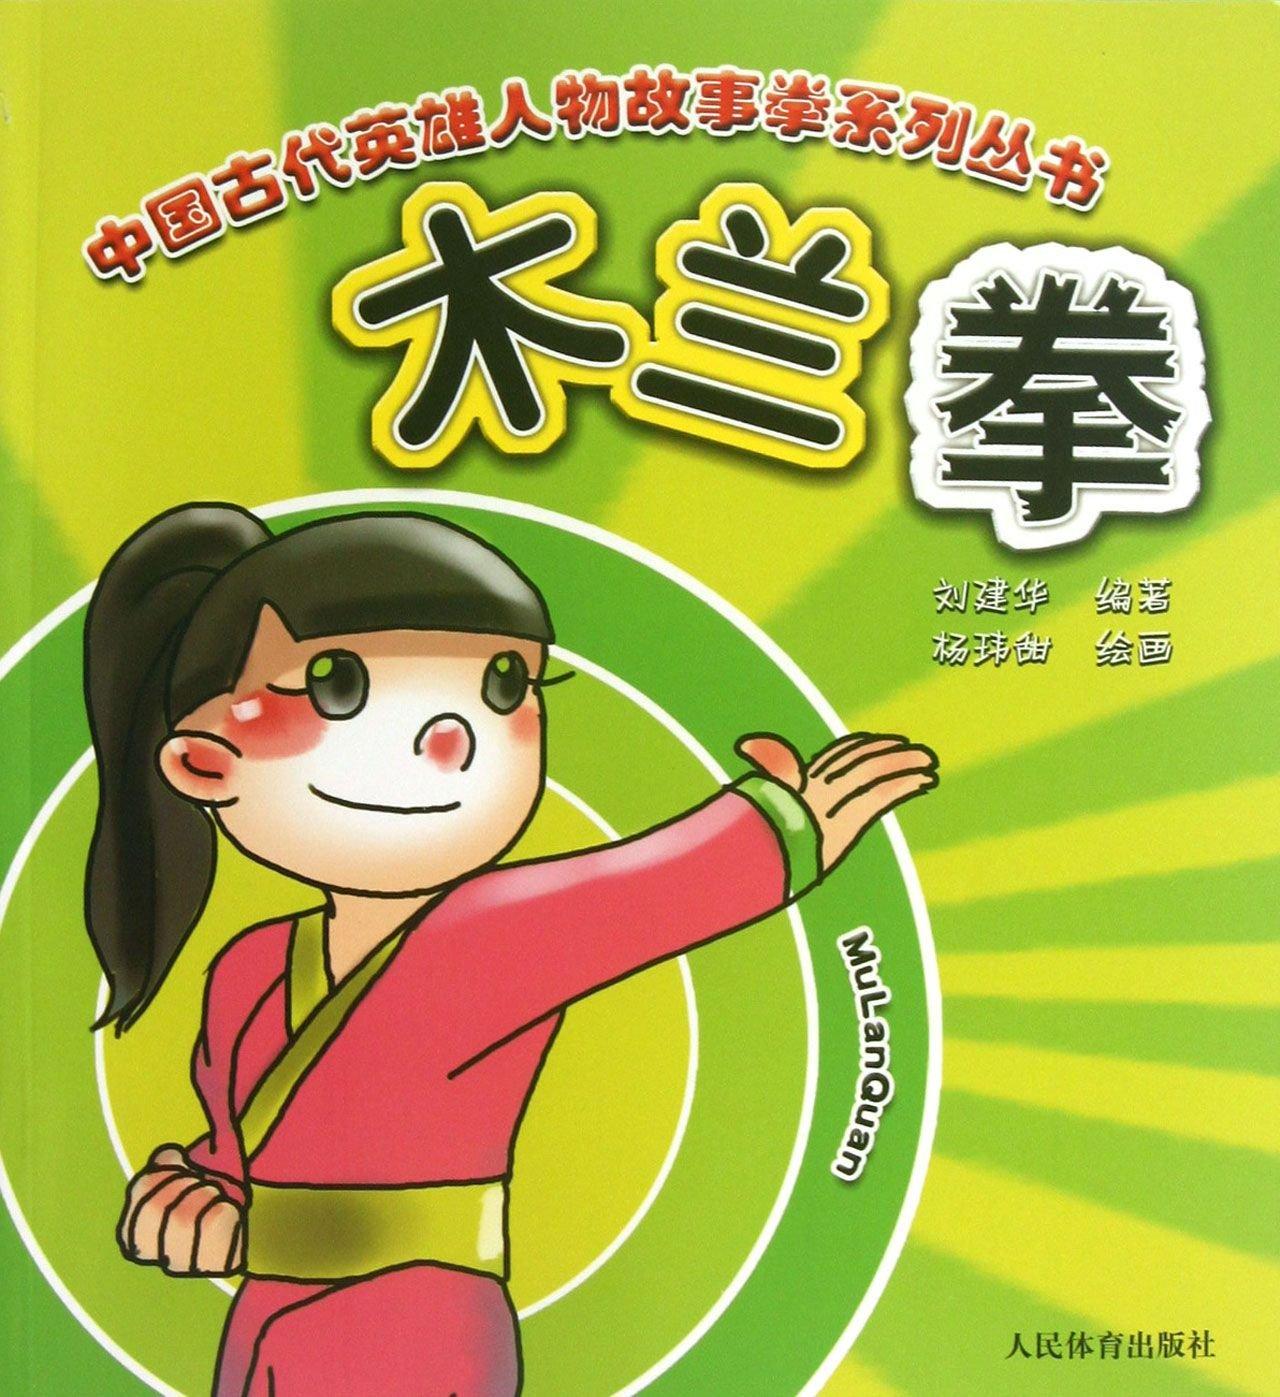 Mulan Style Boxing (Chinese Edition) PDF